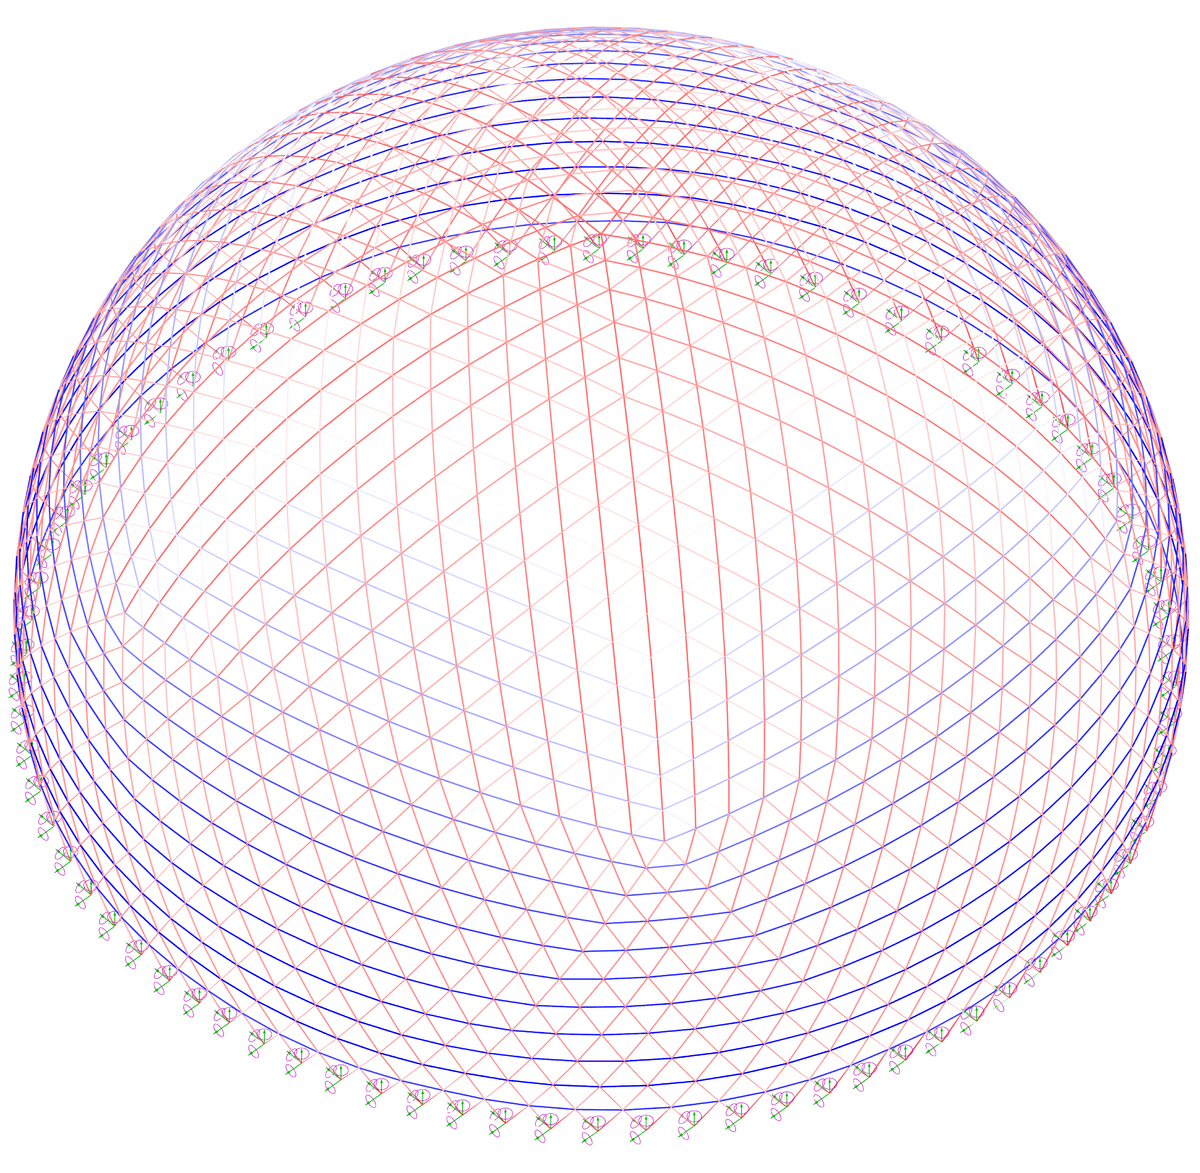 Диаграмма напряжений купола под действием снеговой нагрузки